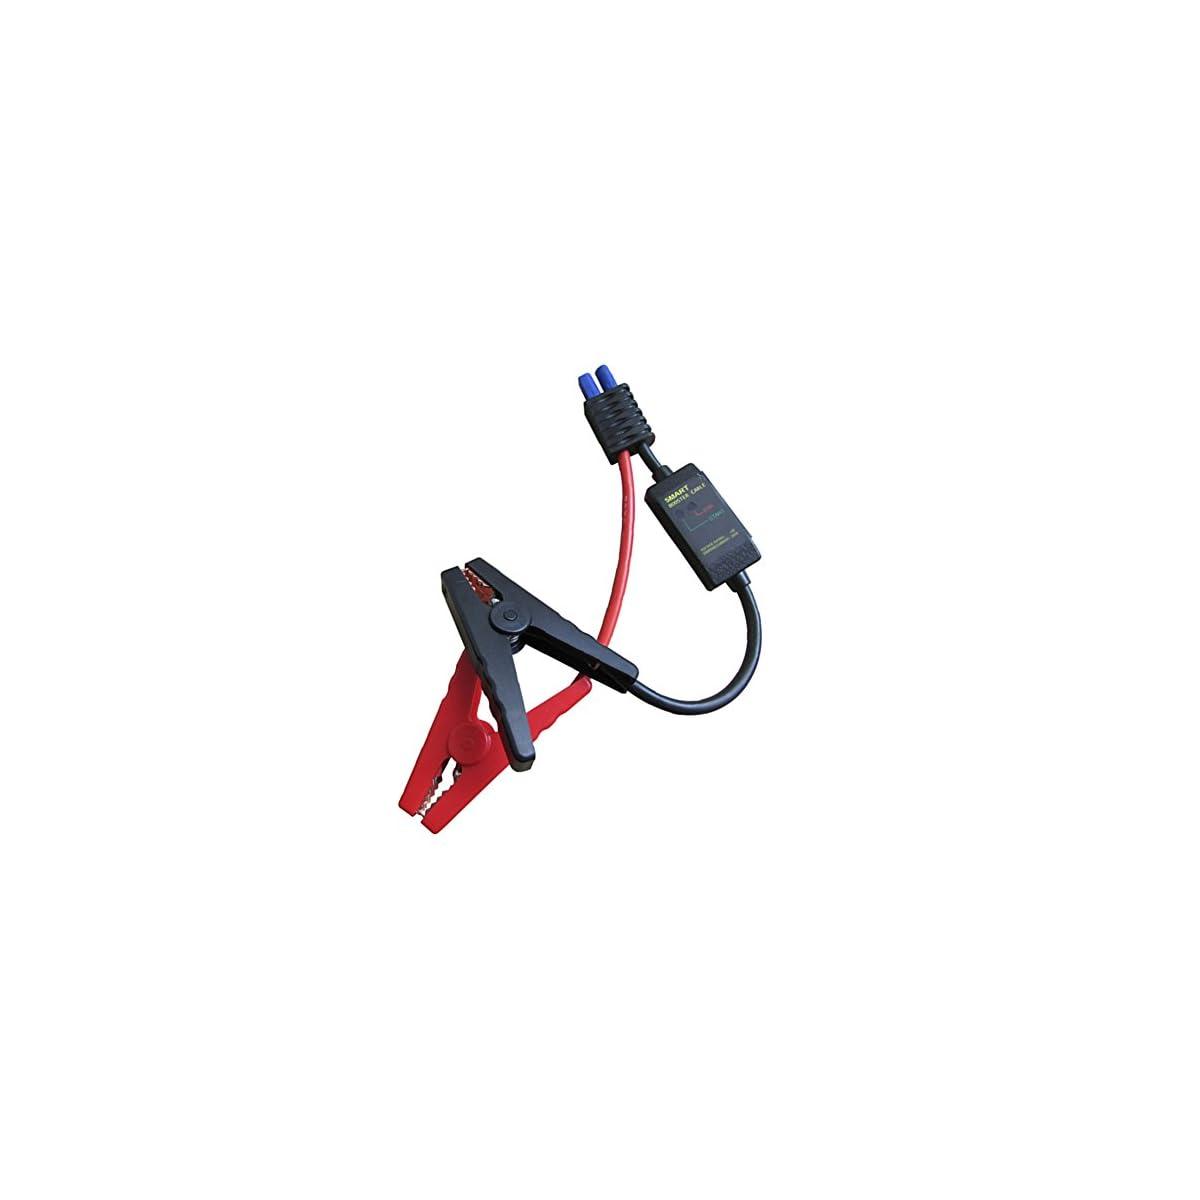 41MxvC LeFL. SS1200  - Batería portátil de reemplazo de arranque cable inteligente para arranque portátil cargador inteligente batería cable clips